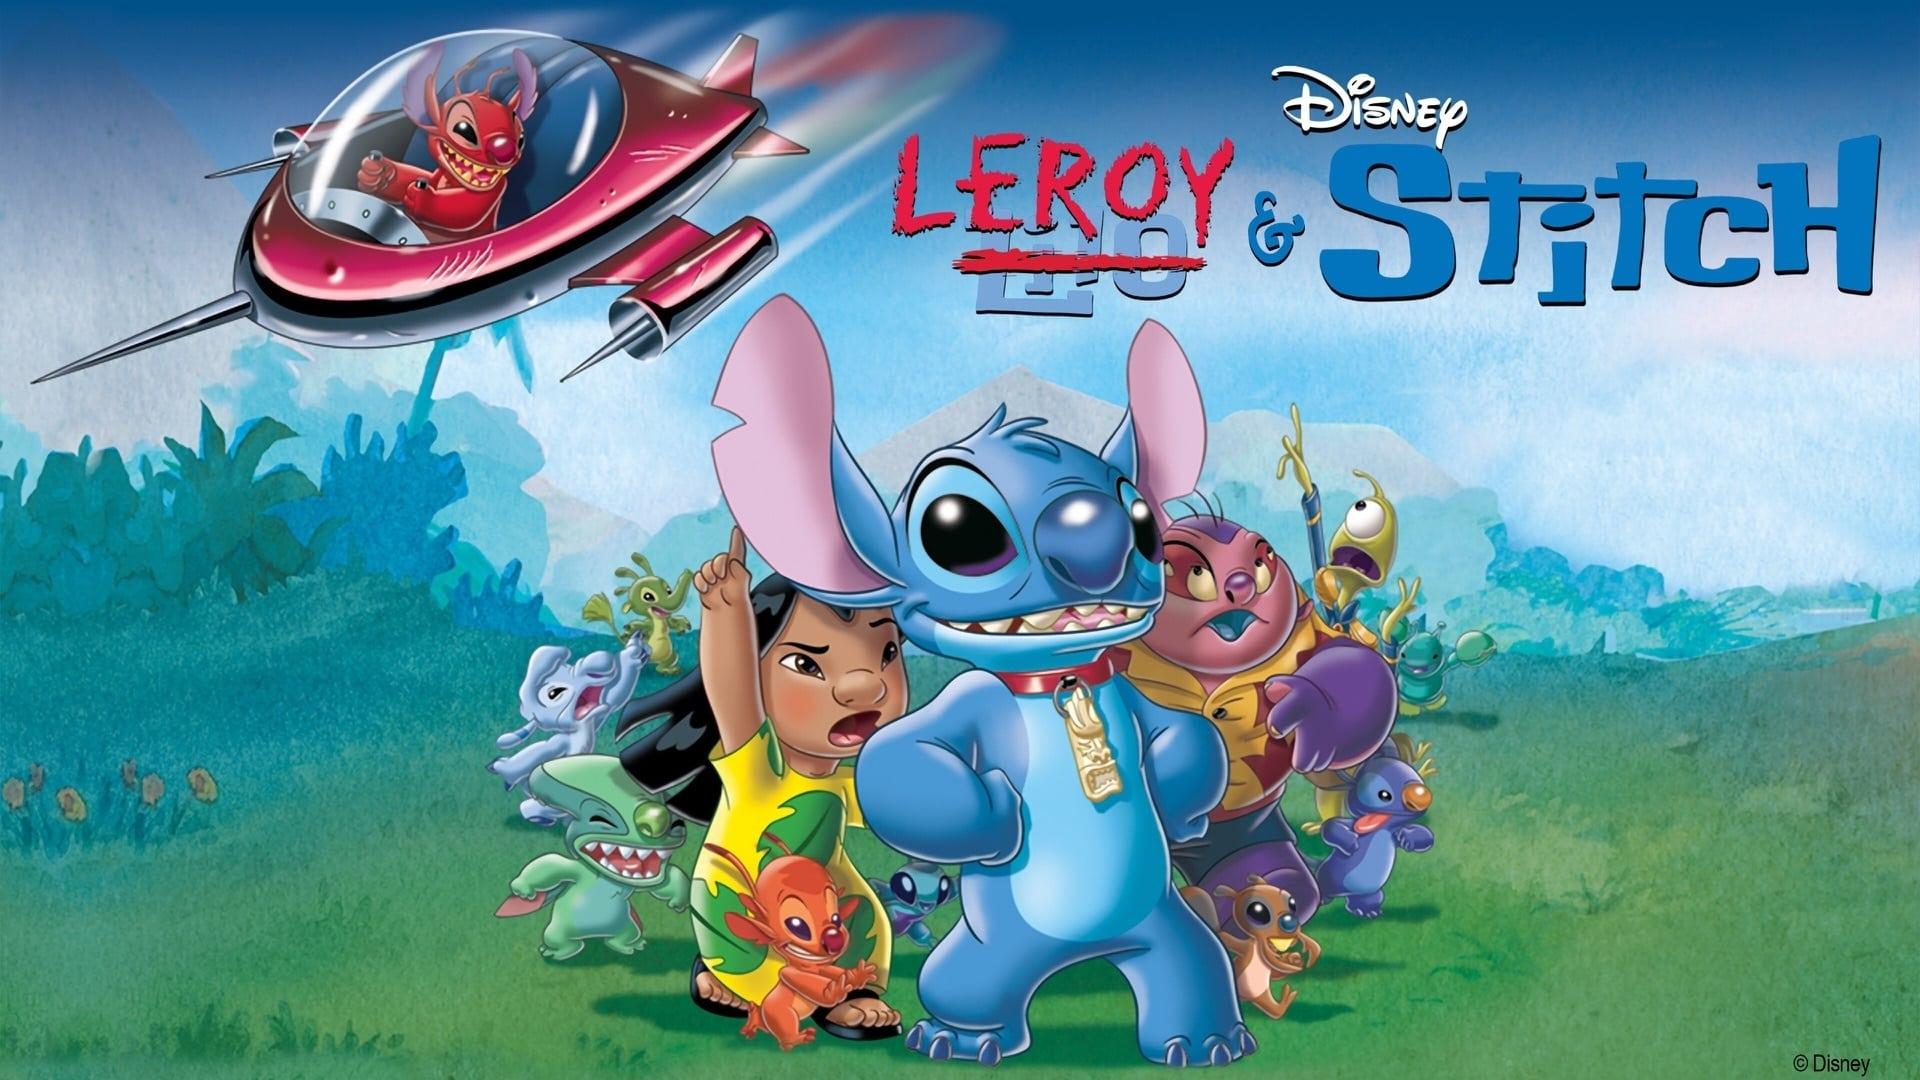 Leroy & Stitch